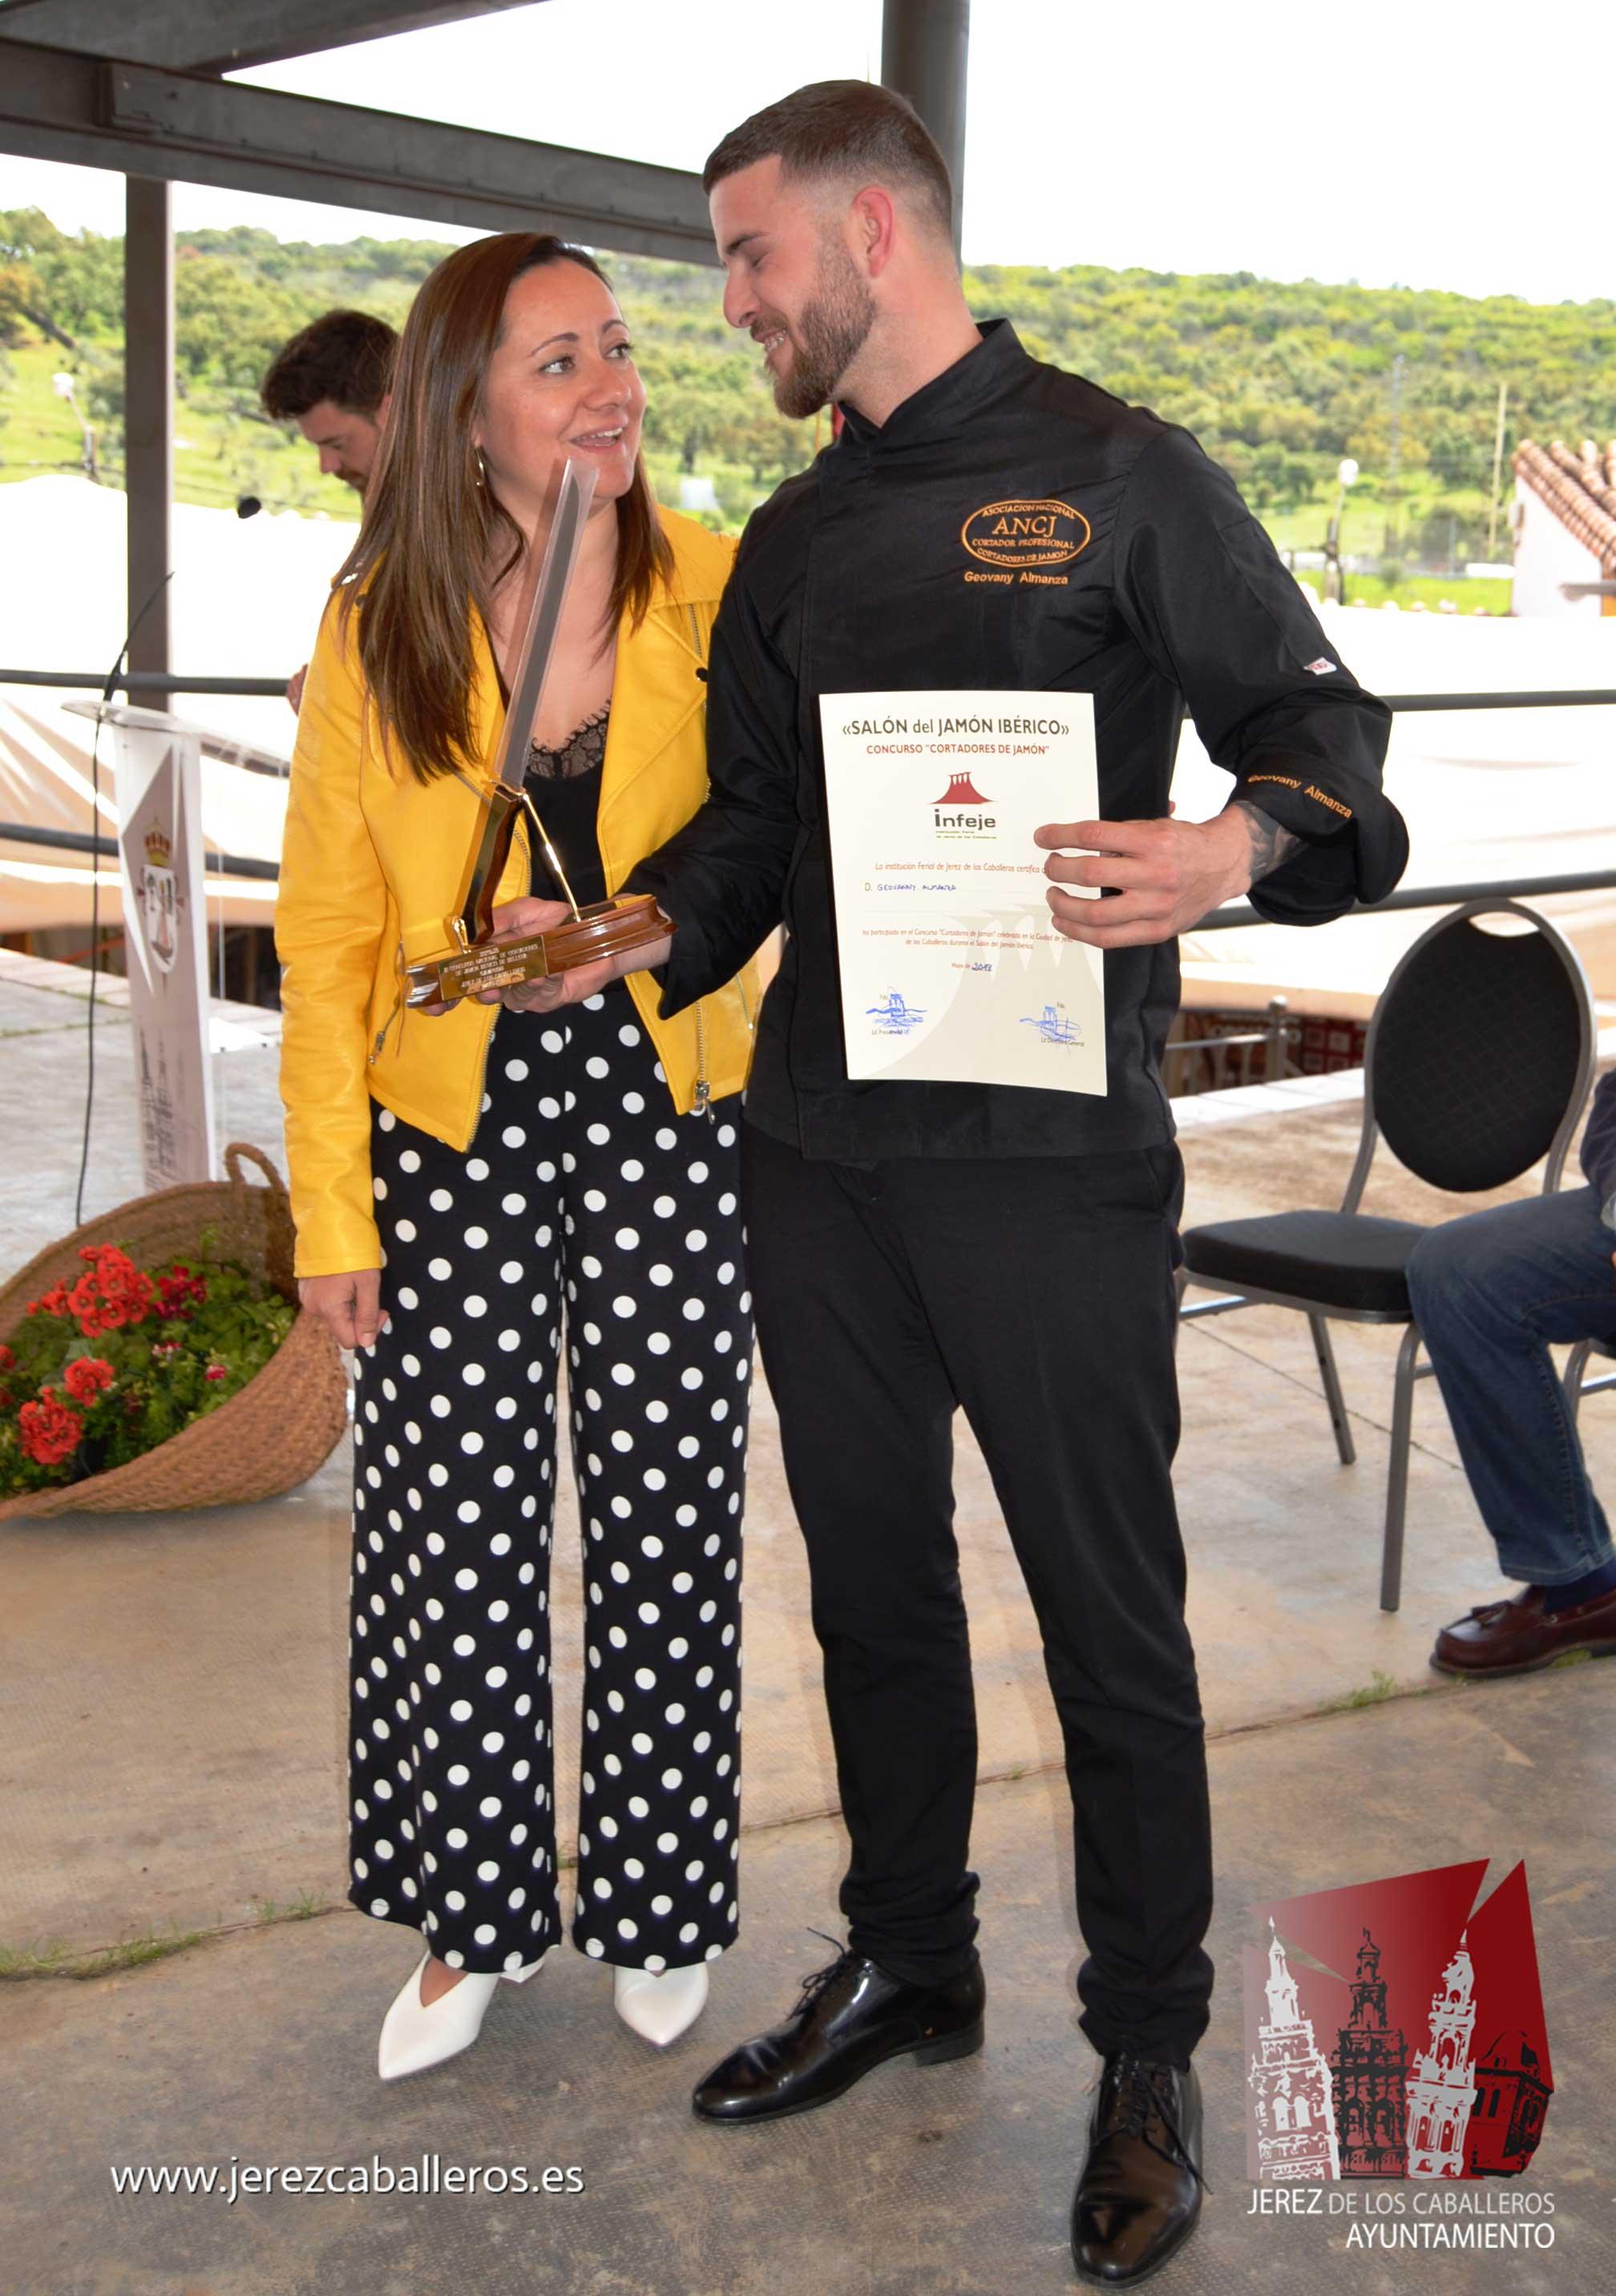 Geovanny Almanza Molina, de Salamanca, gana el Concurso internacional de Cortadores del XXIX Salón del Jamón Ibérico